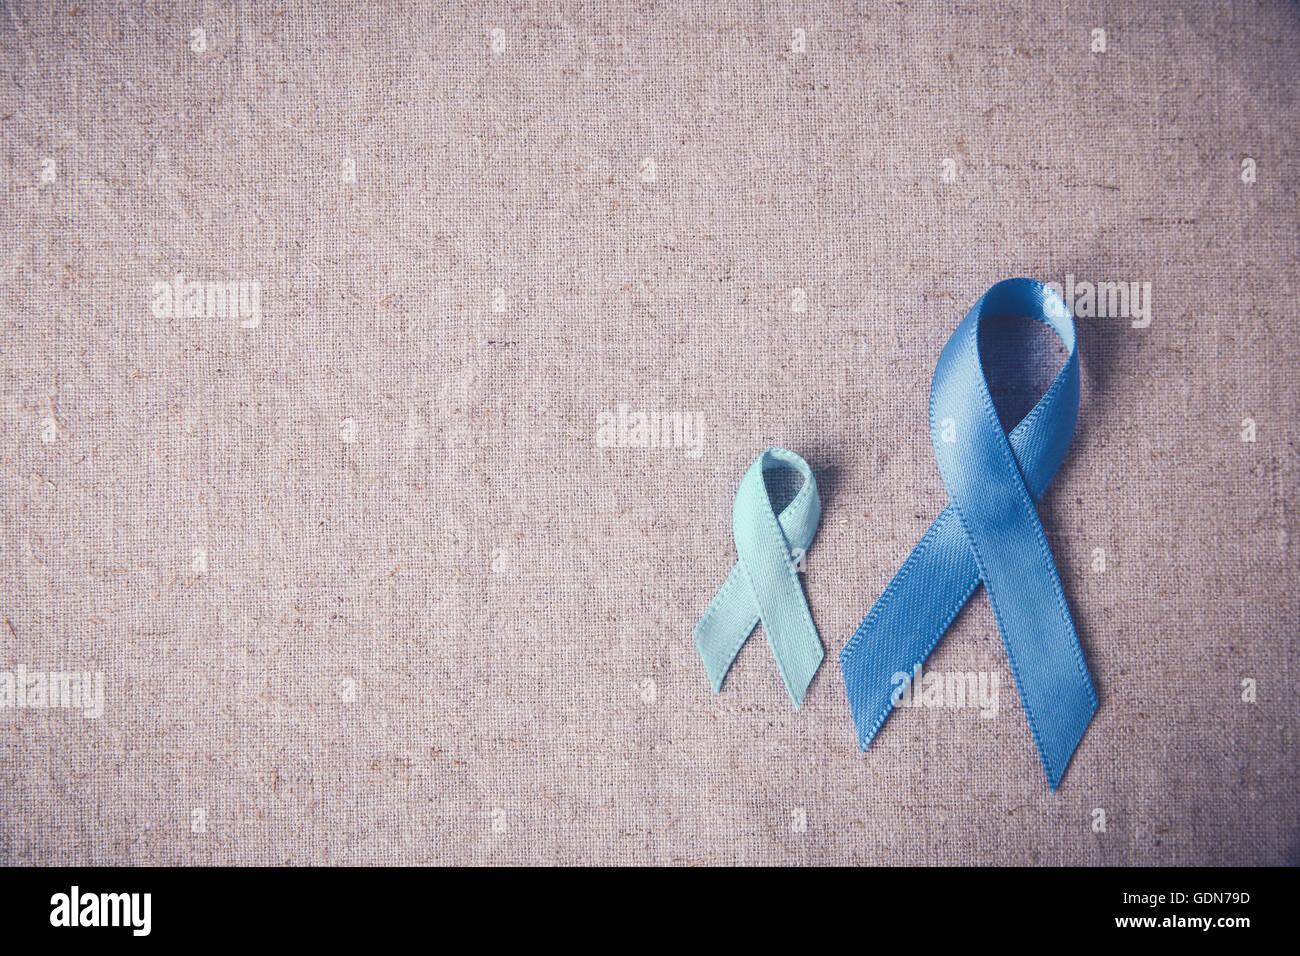 Prostate Cancer Imágenes De Stock & Prostate Cancer Fotos De Stock ...